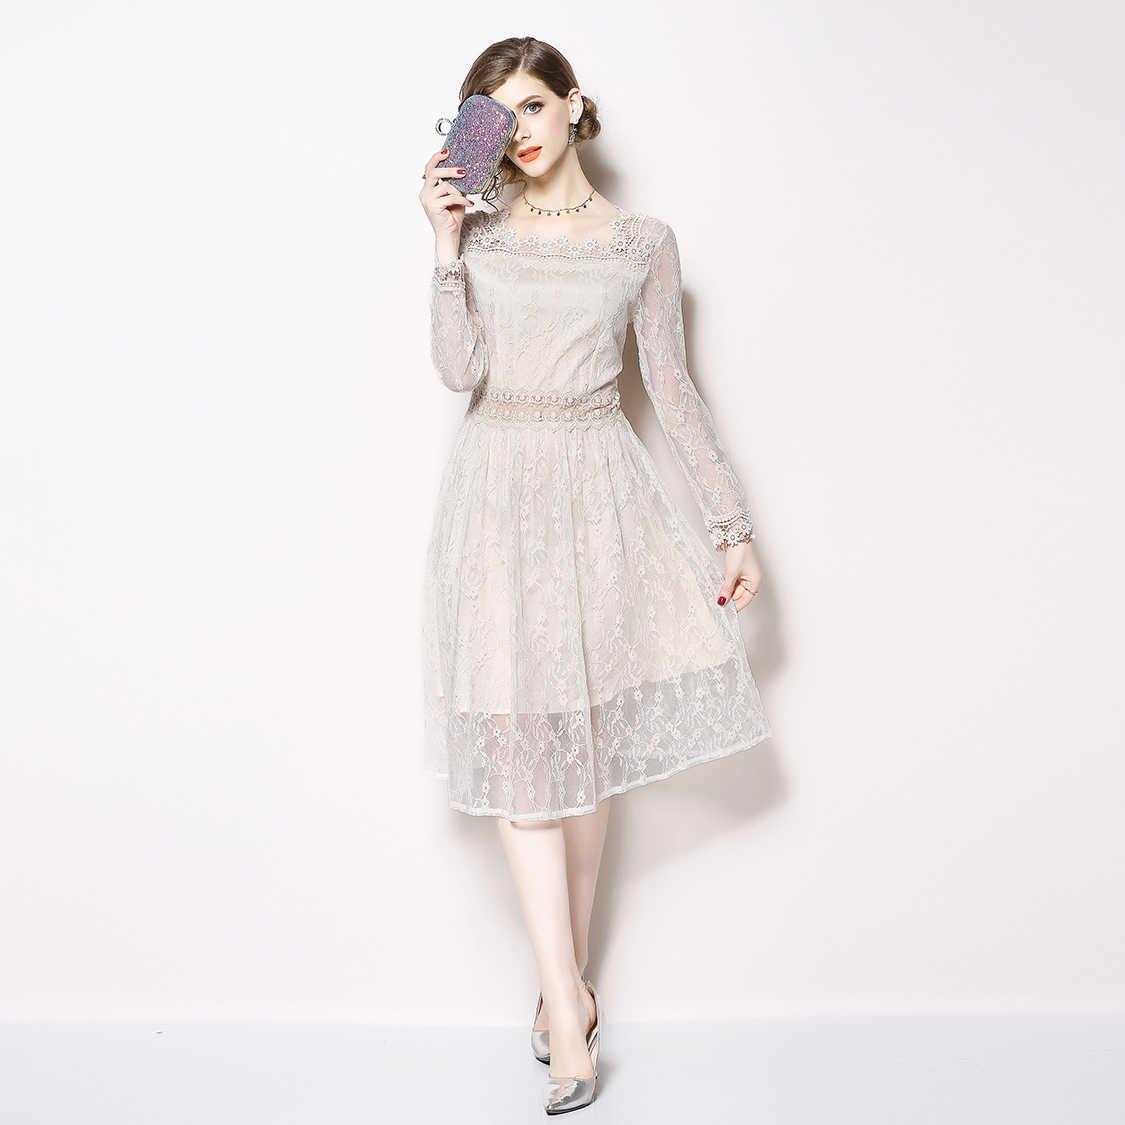 3e1f03adc862203 Белое кружевное платье Для женщин 2018 осень Рождество 3D цветок вышитые  платья вечерние элегантный халат Femme